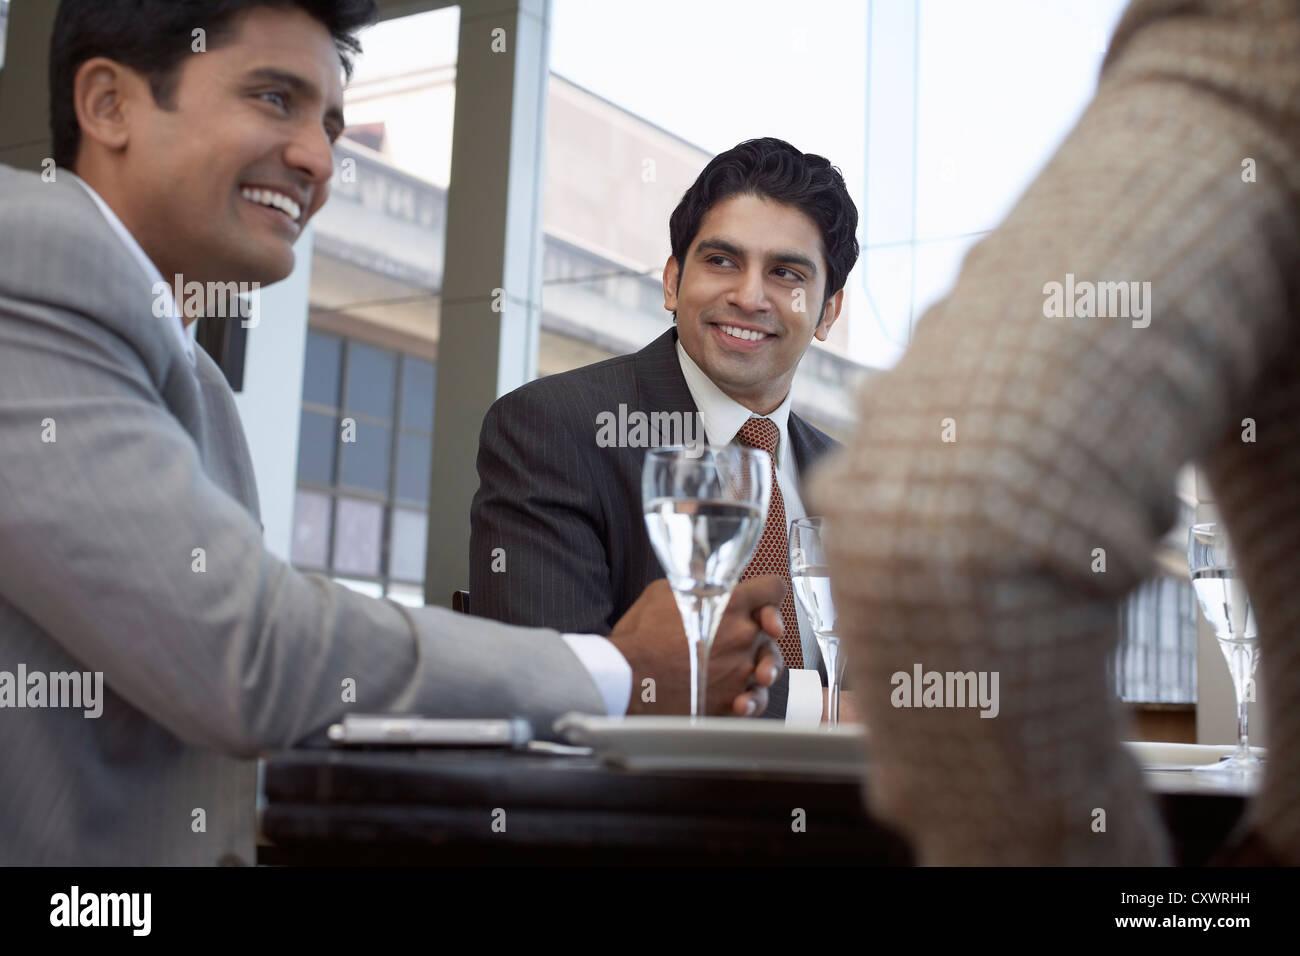 La gente de negocios de almorzar juntos Imagen De Stock